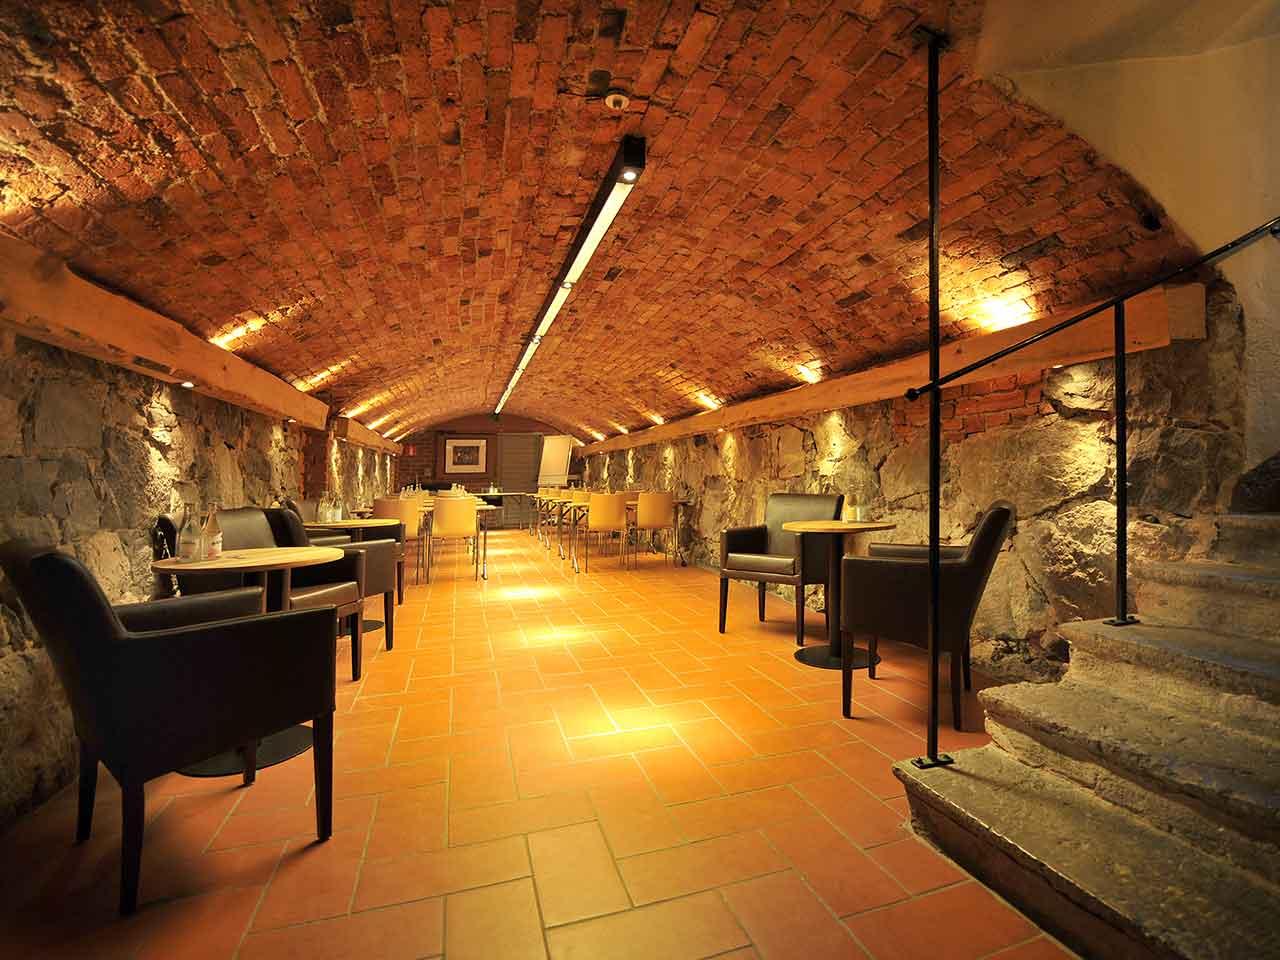 Festvåning på Långholmen - Elegant och klassisk festlokal